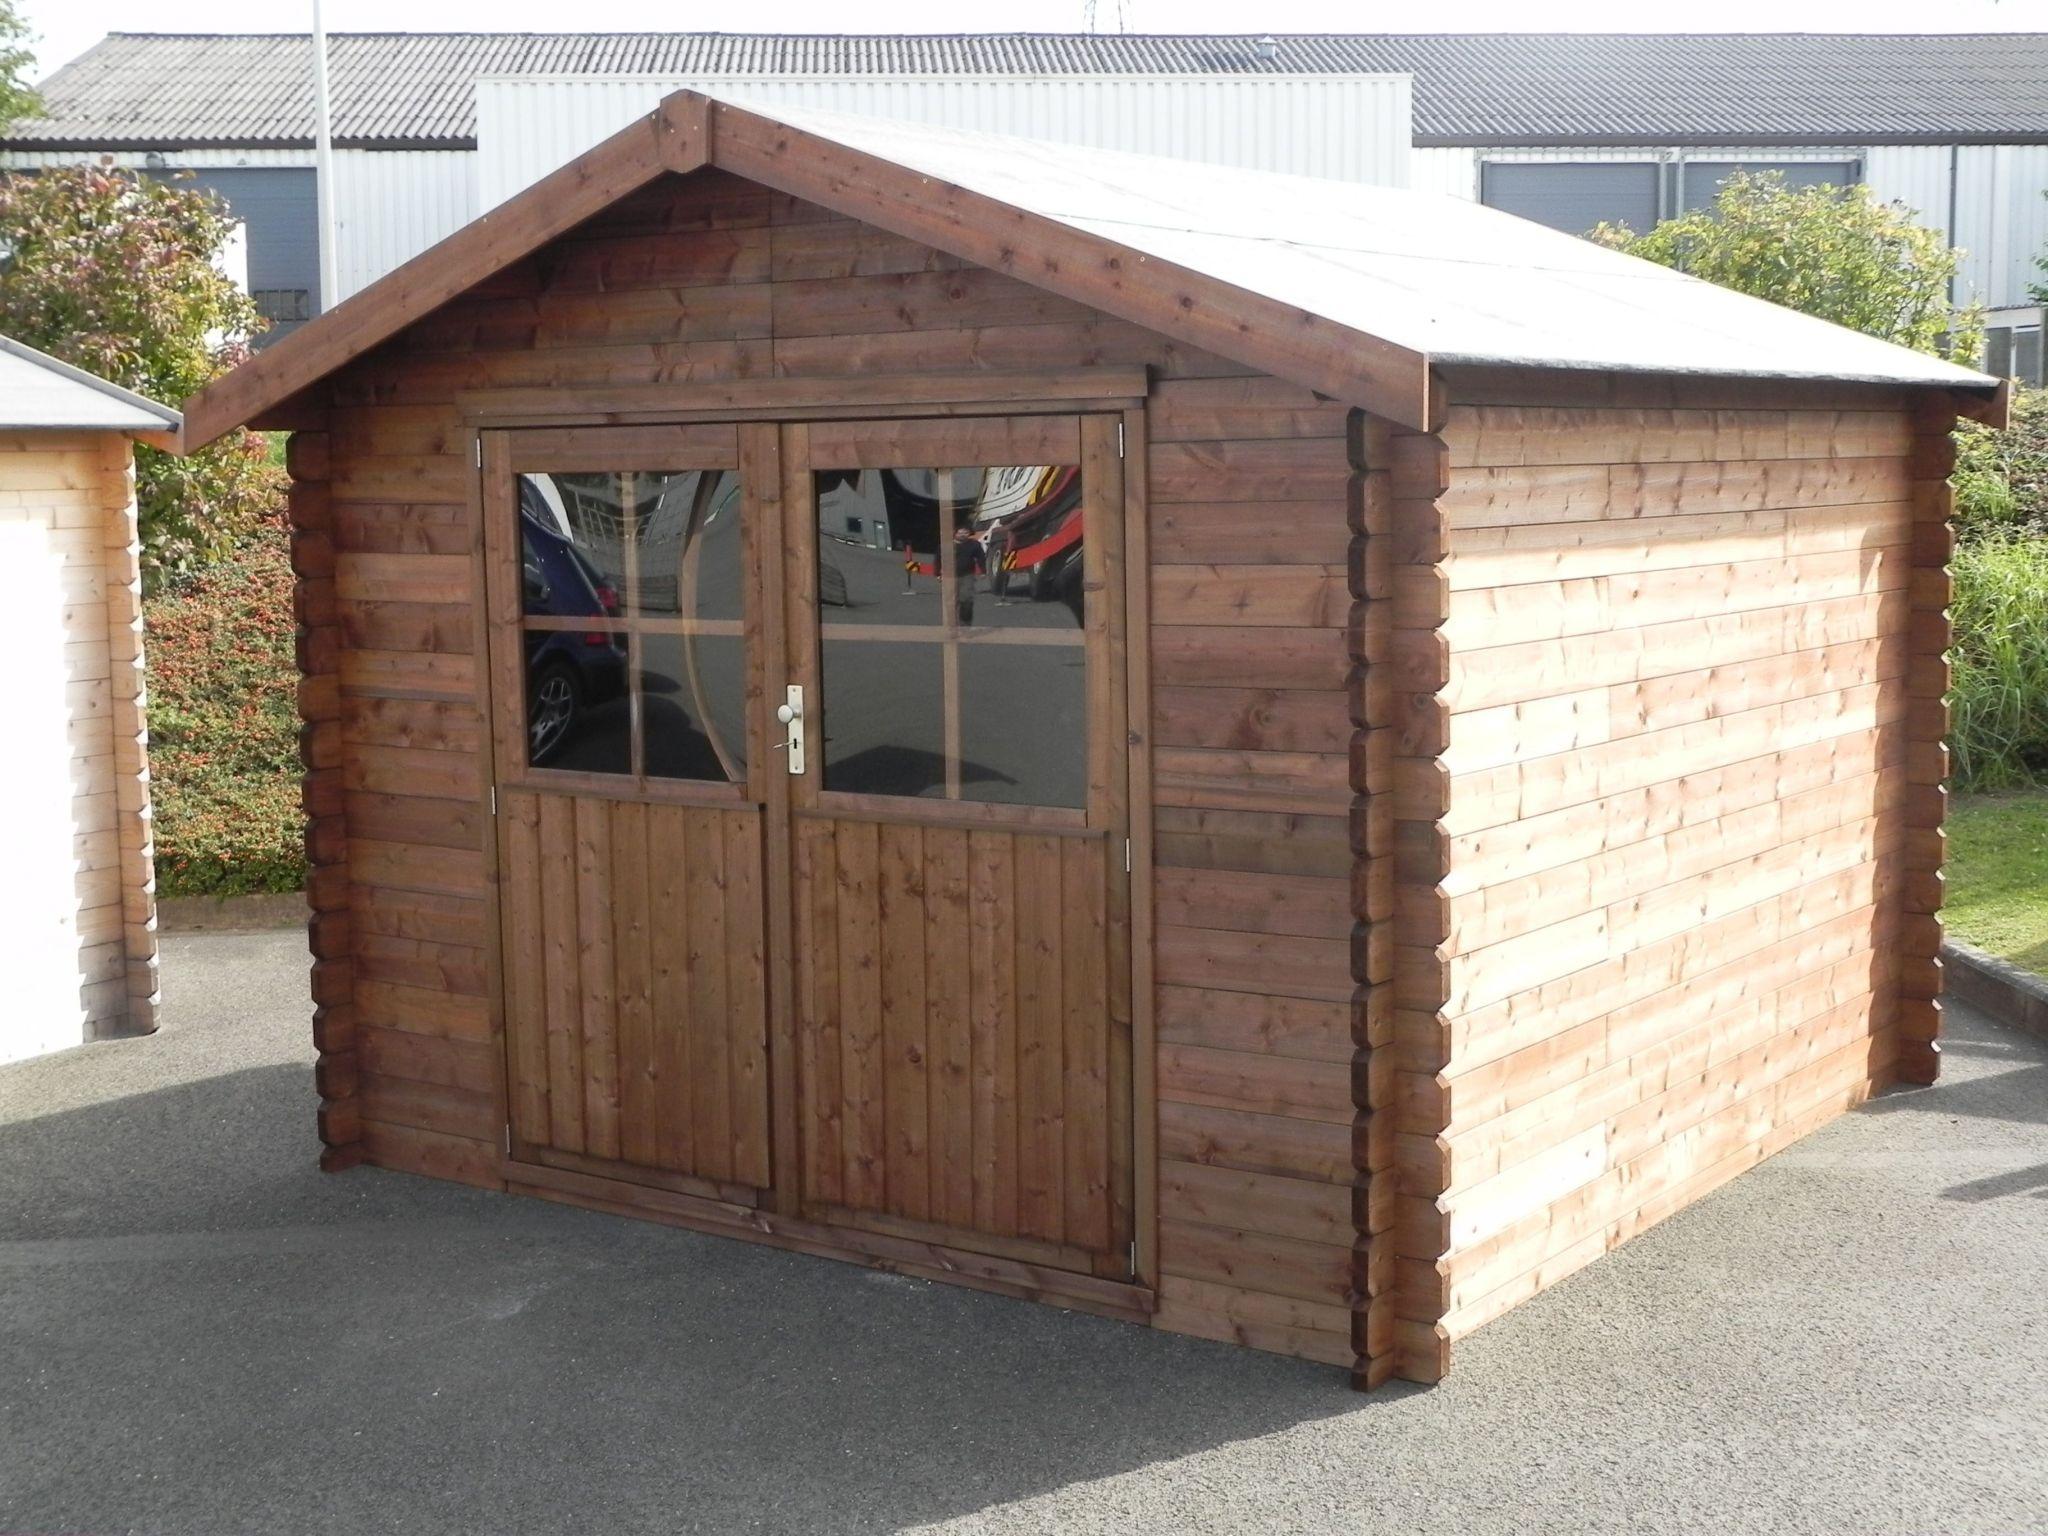 pose d un abri de jardin sur parpaing avec abri de jardin en parpaing une pente best construction garage de pose d un abri de jardin sur parpaing